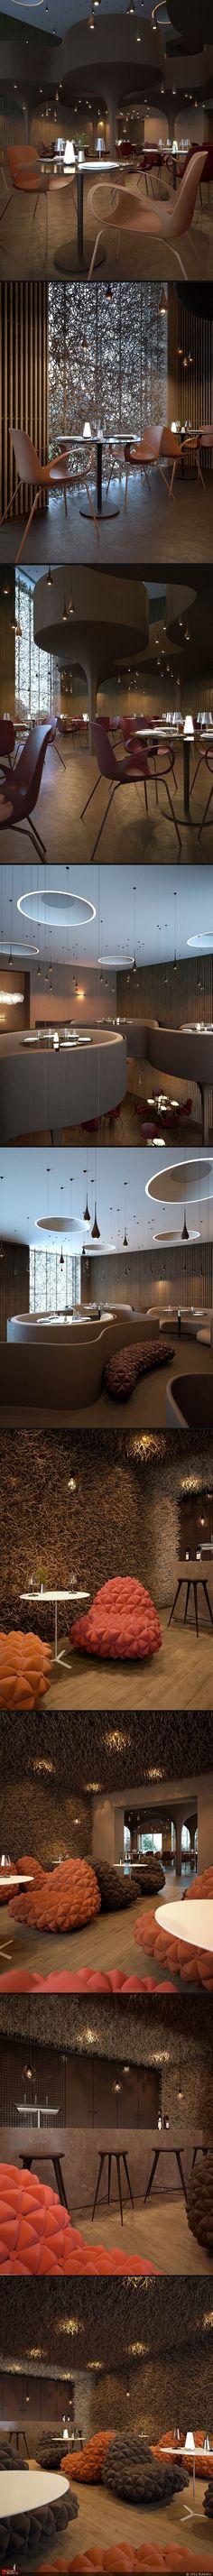 diseño de restaurante